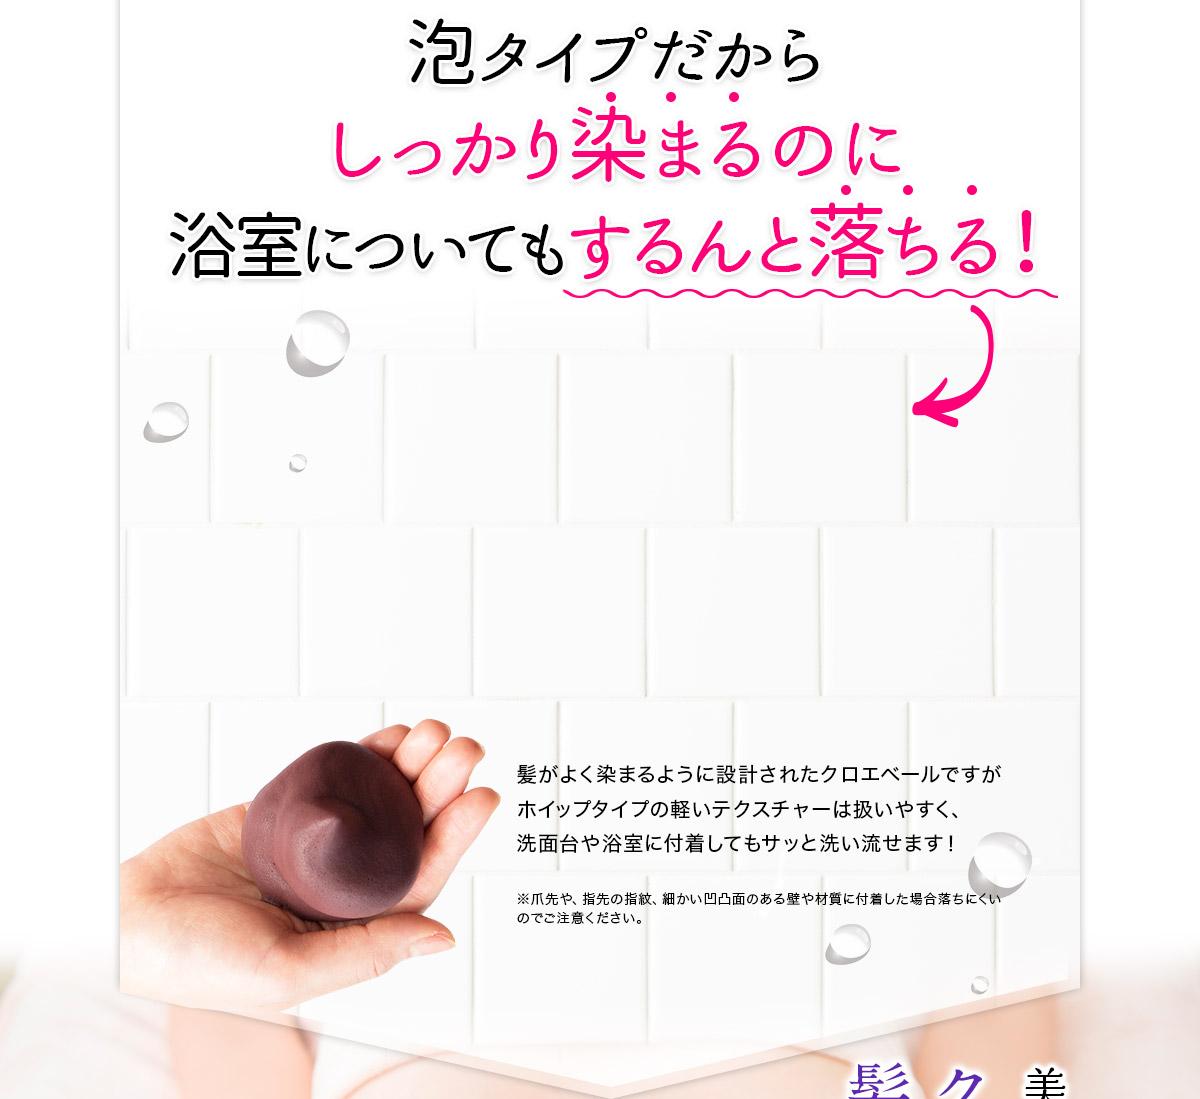 泡タイプだからしっかり染まるのに浴室についてもするんと落ちる!